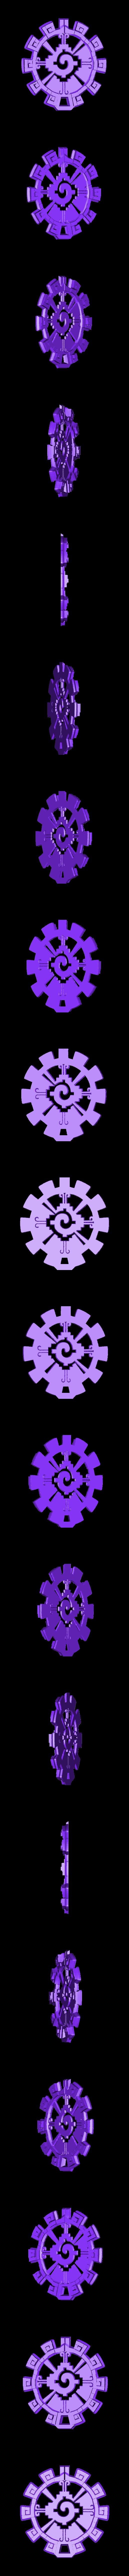 Ancestry3d_ColganteEquilibrium.stl Télécharger fichier STL gratuit Charme Maya Equilibrium • Modèle pour impression 3D, Cilshell